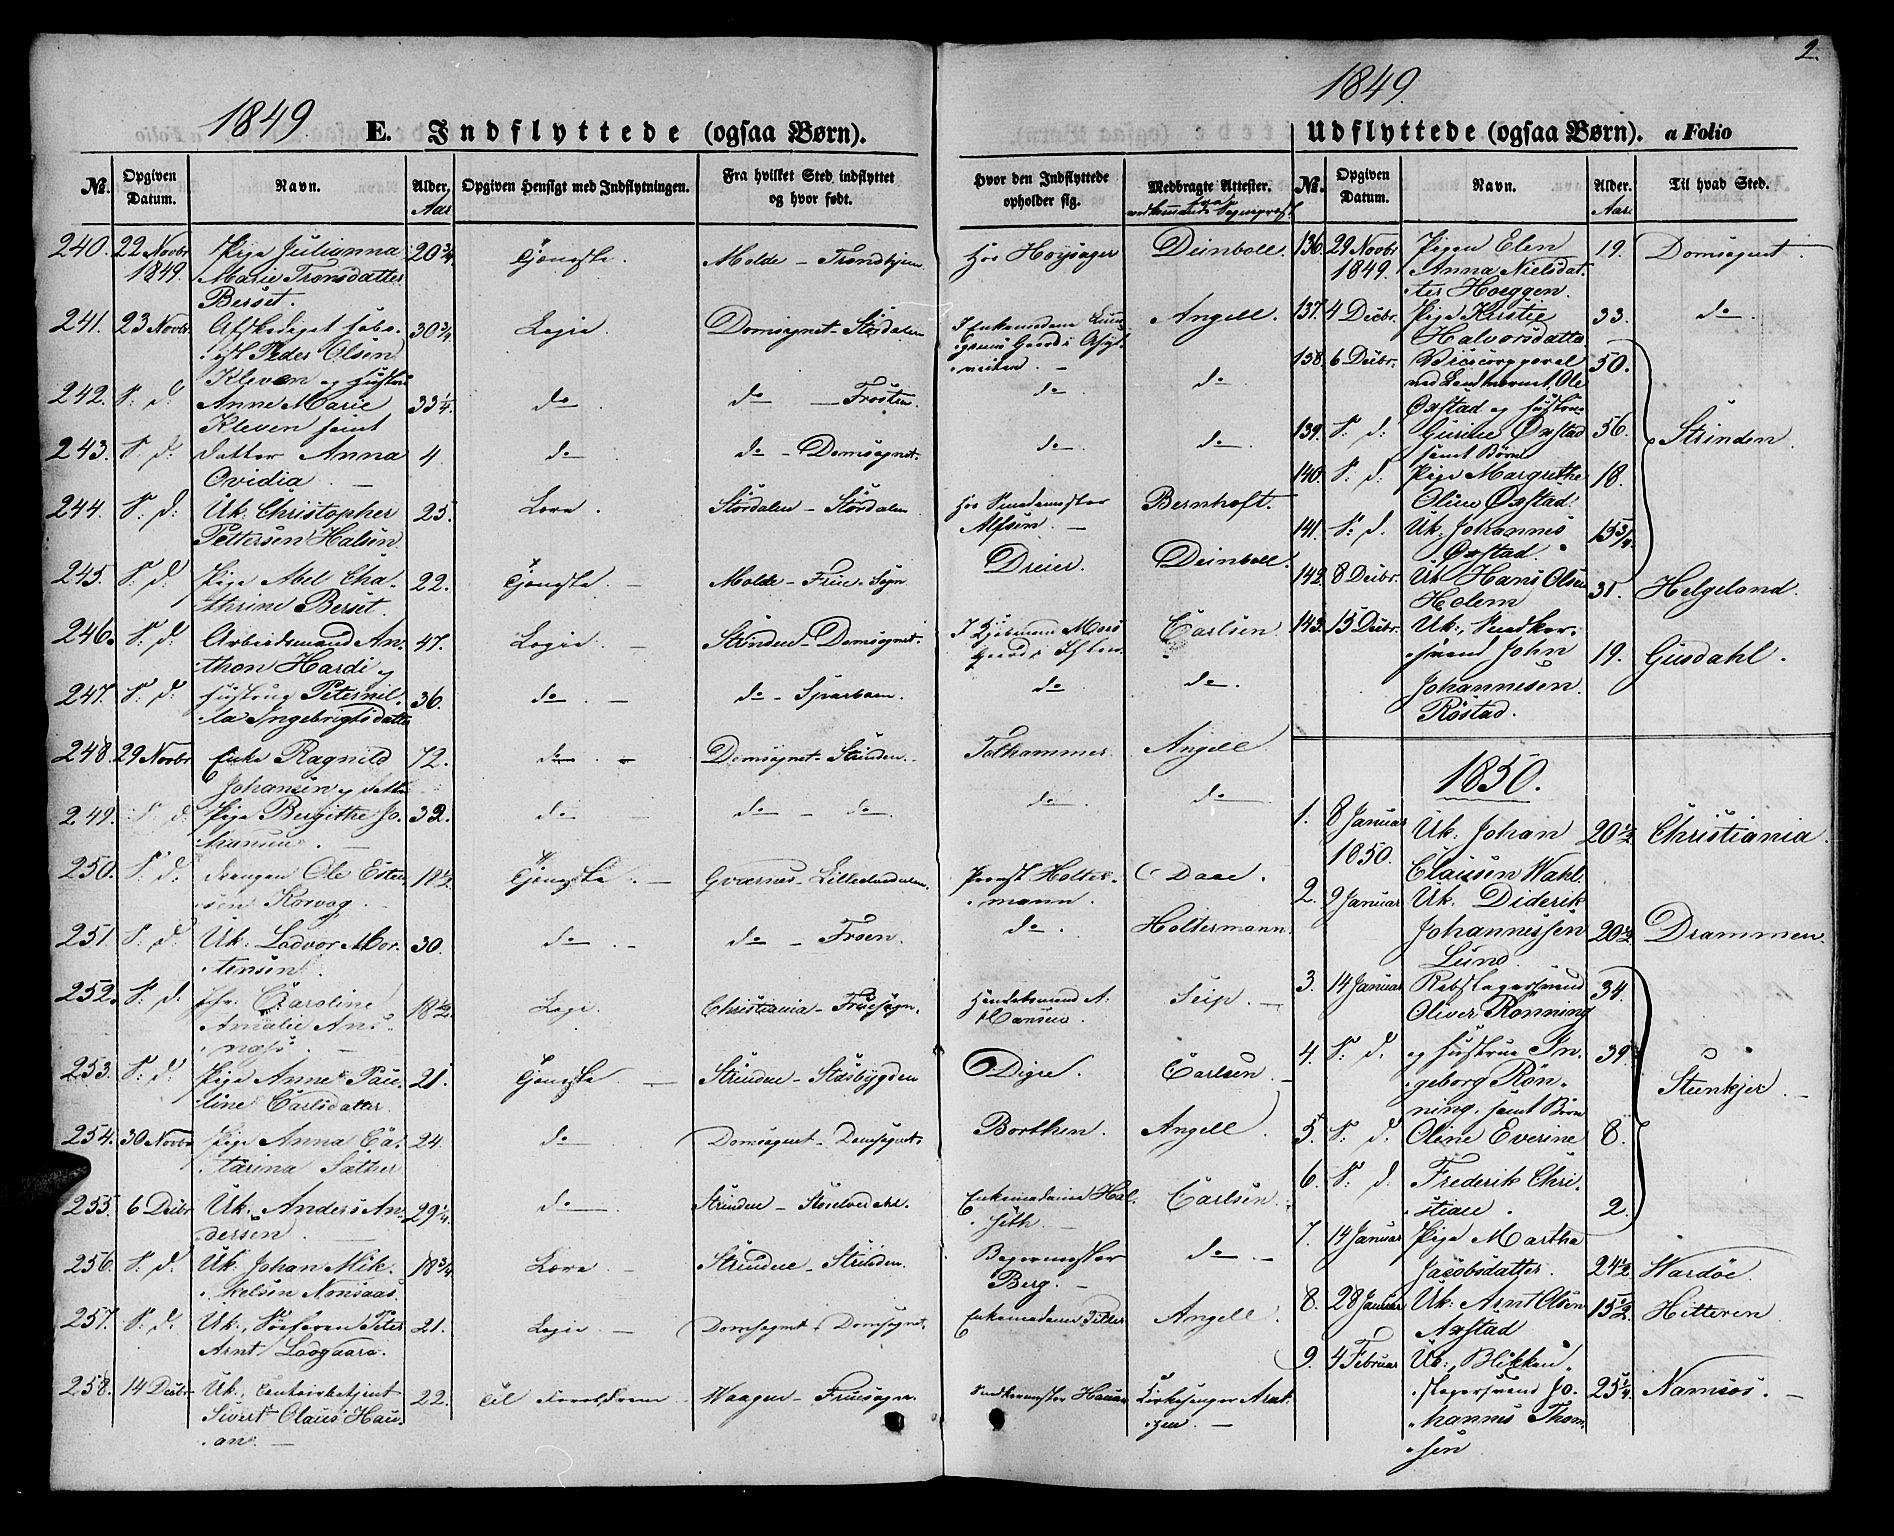 SAT, Ministerialprotokoller, klokkerbøker og fødselsregistre - Sør-Trøndelag, 602/L0113: Ministerialbok nr. 602A11, 1849-1861, s. 2